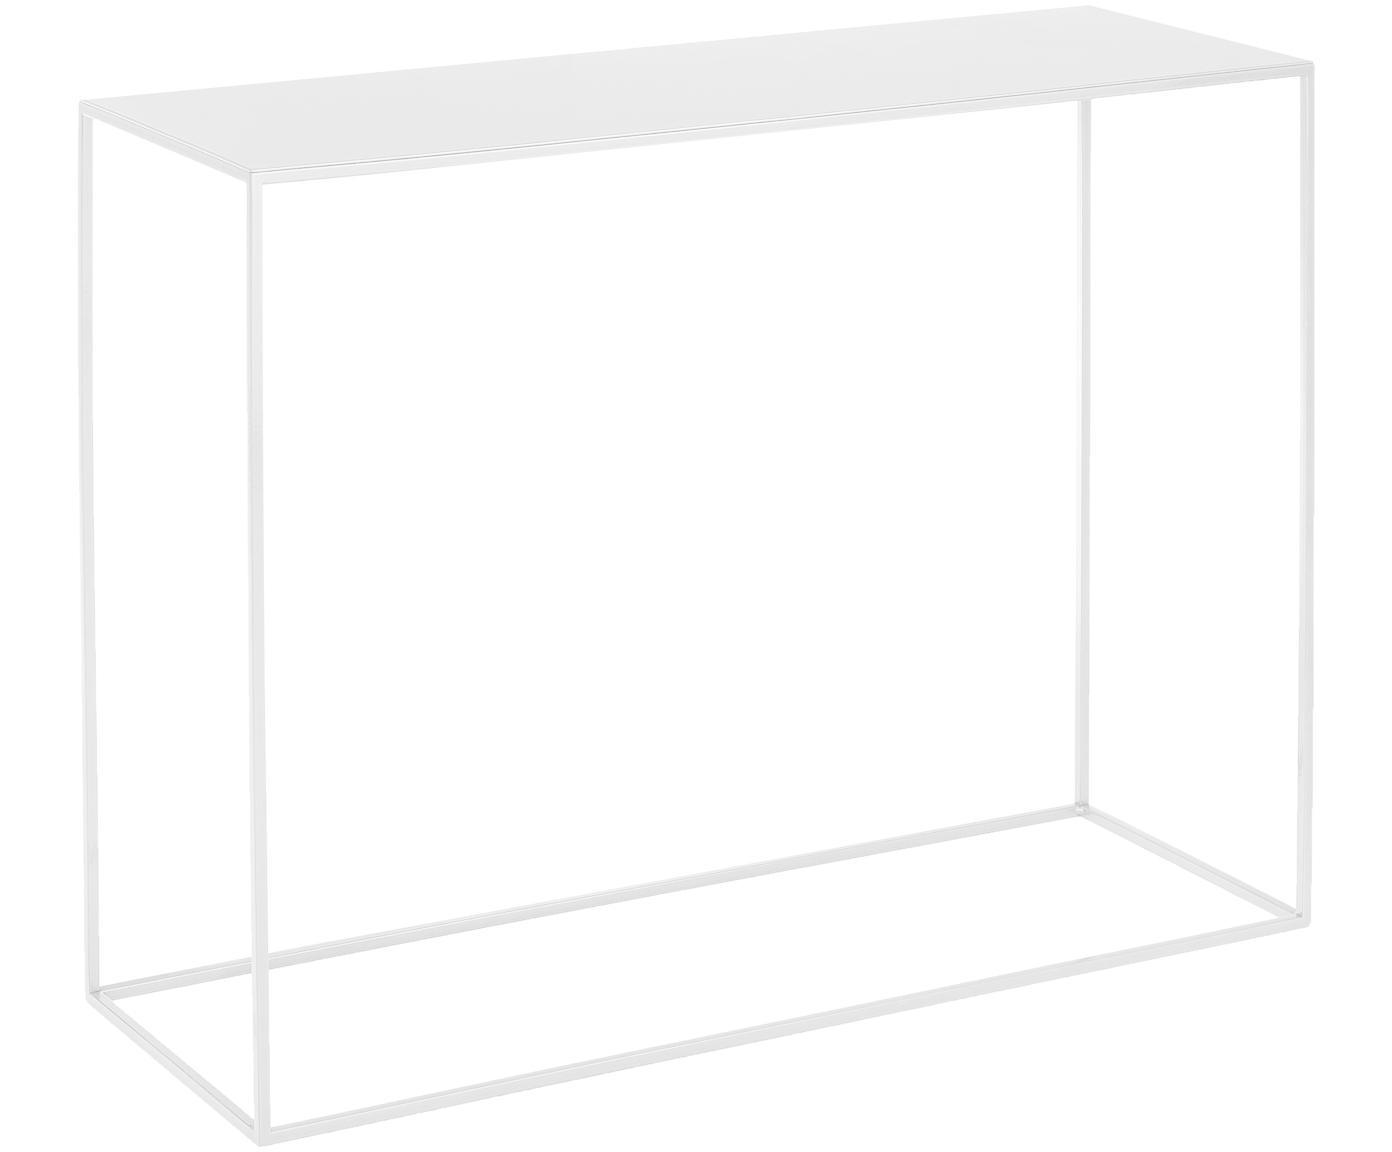 Konsola z metalu Tensio, Metal malowany proszkowo, Biały, S 100 x G 35 cm